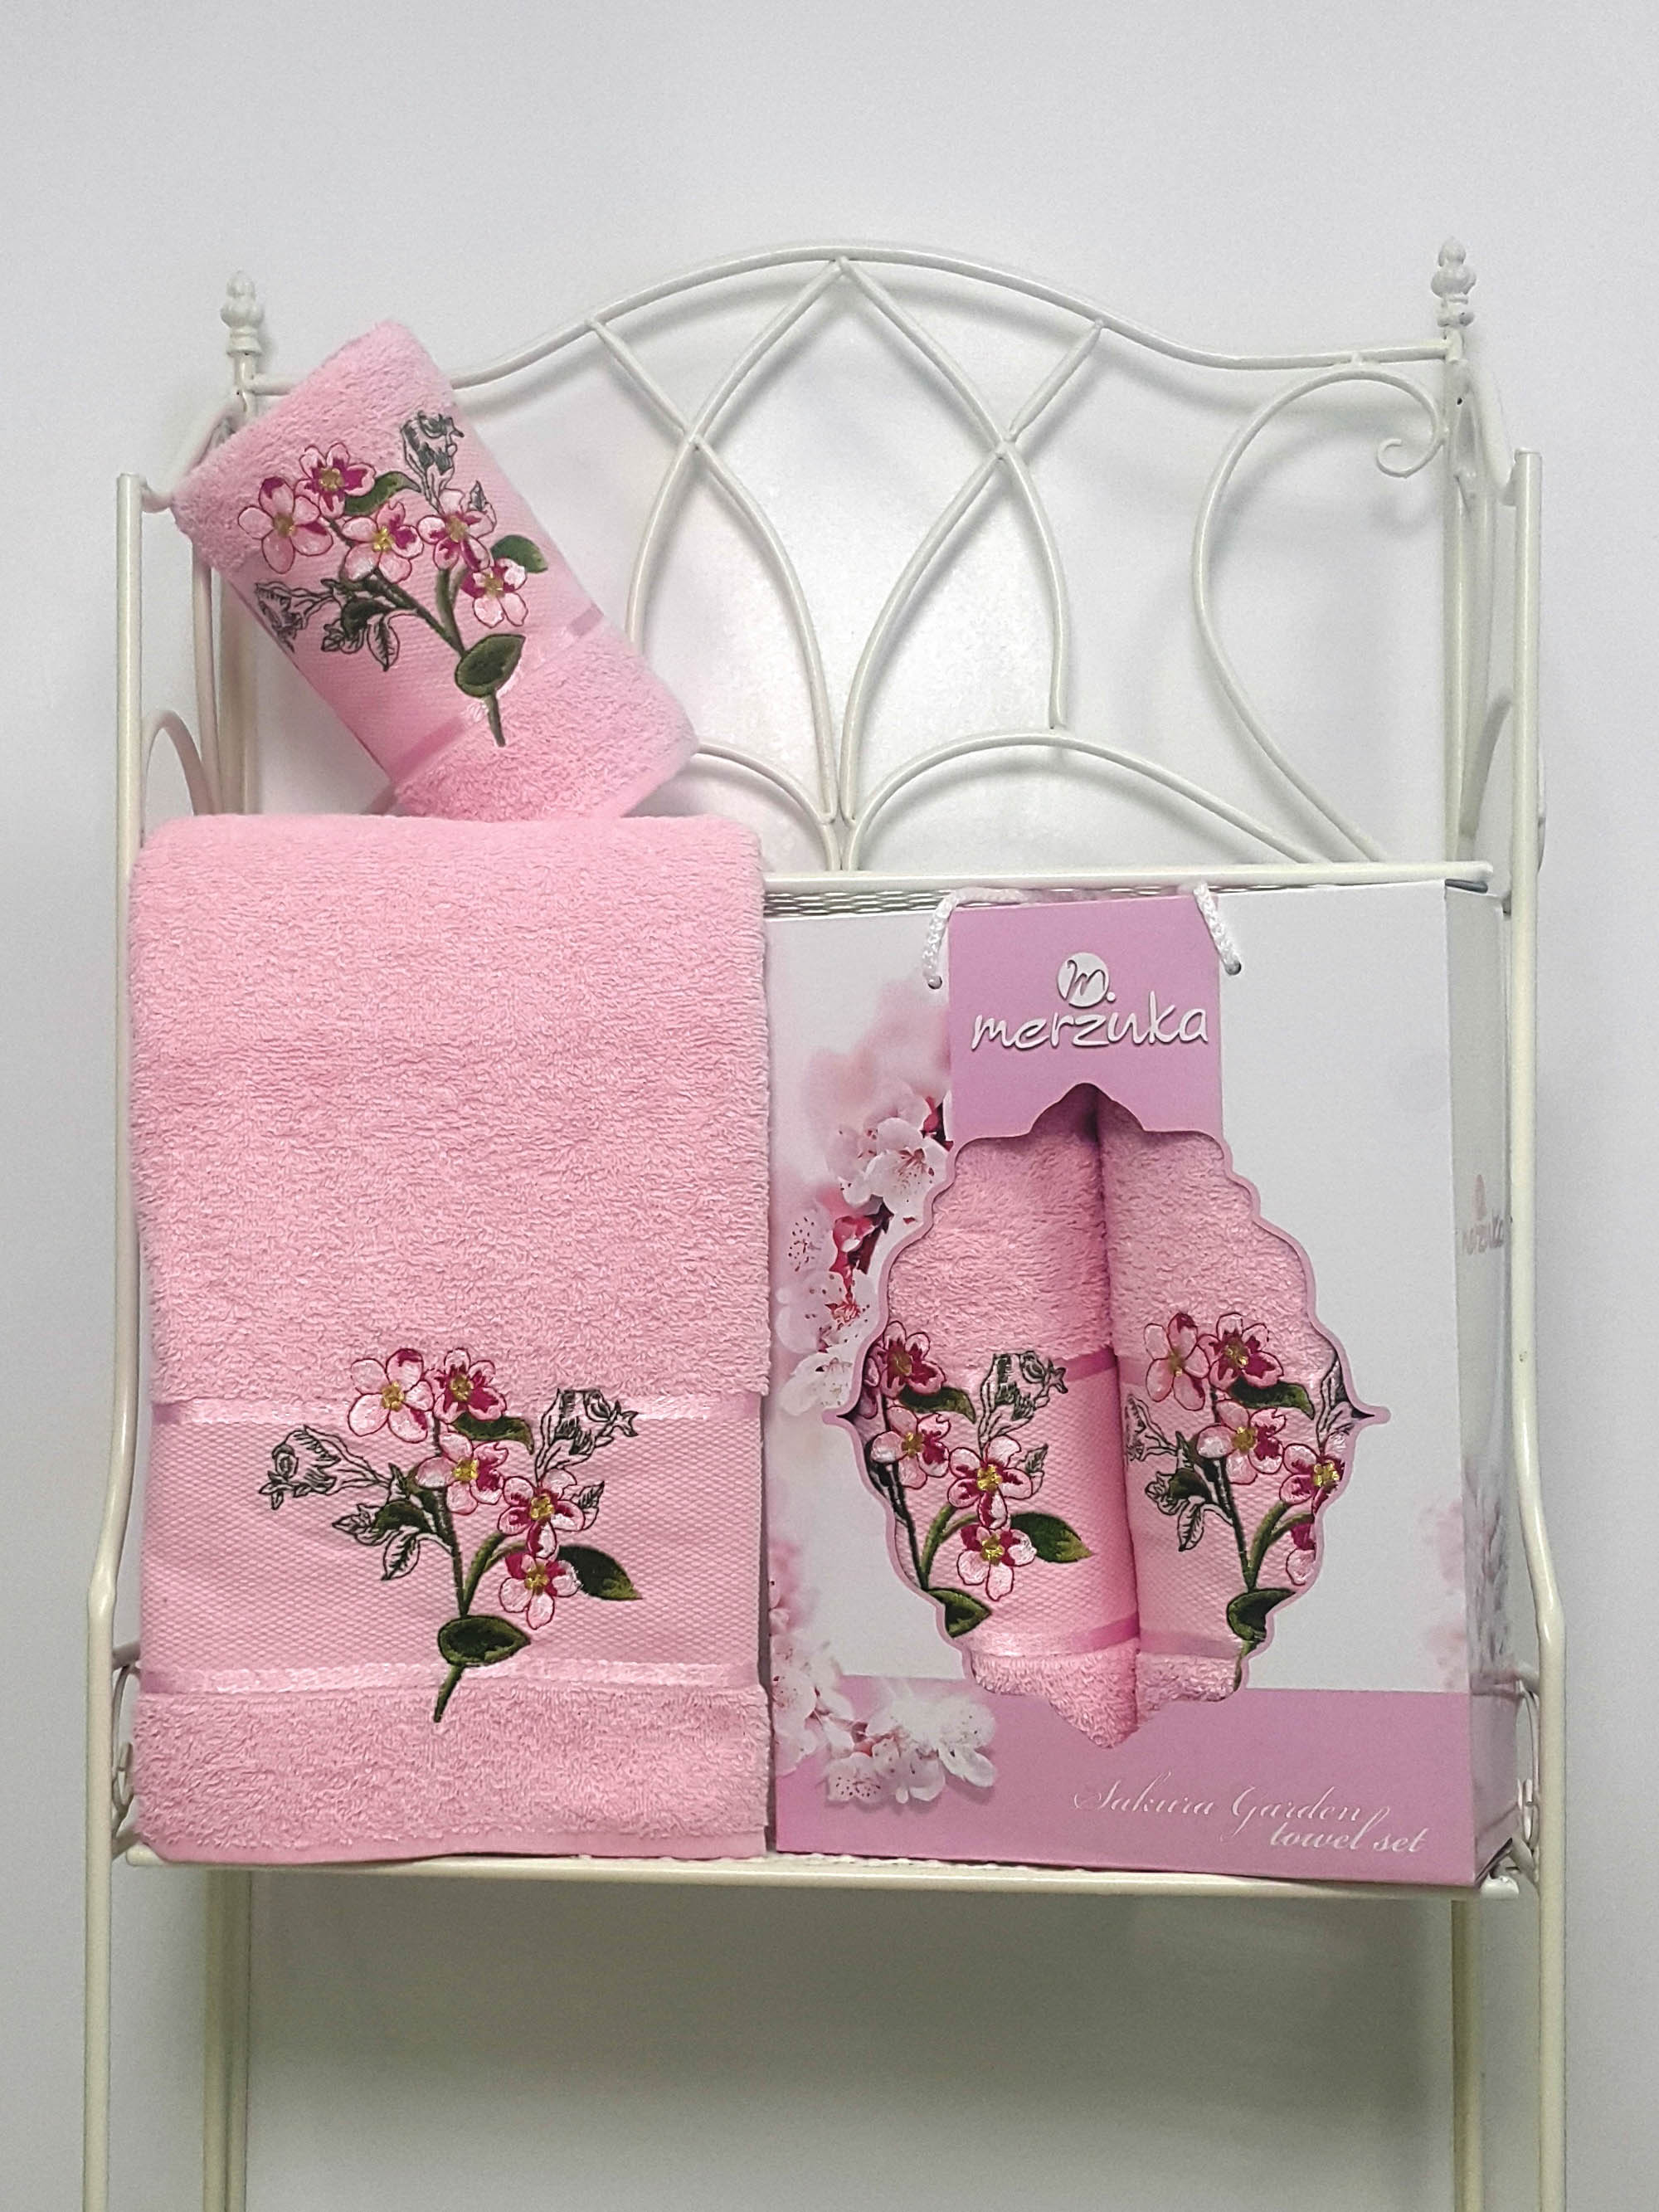 Полотенца Oran Merzuka Набор из 2 полотенец Sakura Garden Цвет: Светло-Розовый набор из 2 полотенец merzuka sakura 50х90 70х140 8430 кремовый